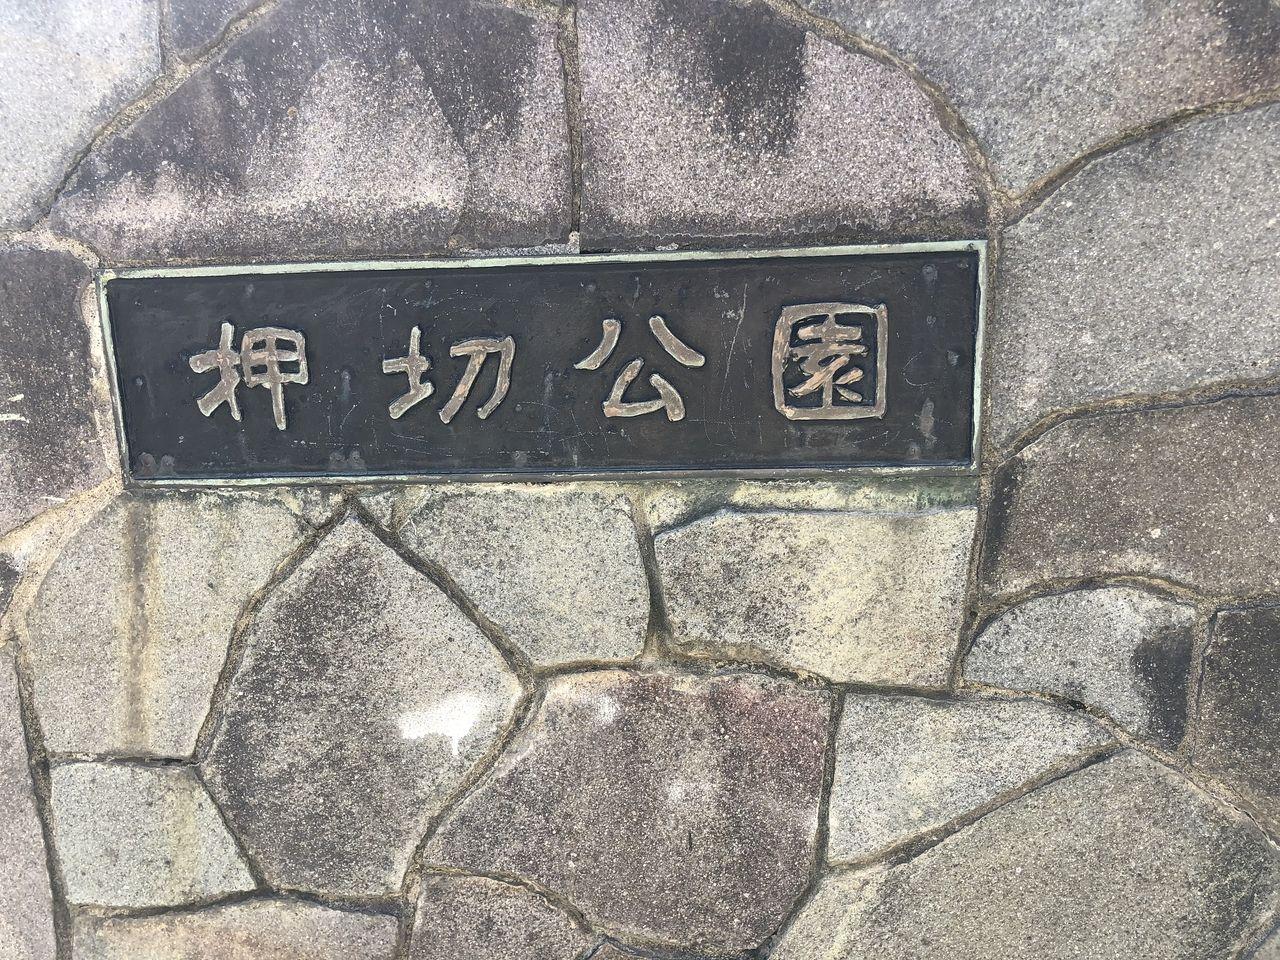 行徳駅前の穴場公園の1つ!広くて見通しも良いので安心♪「押切公園」☆